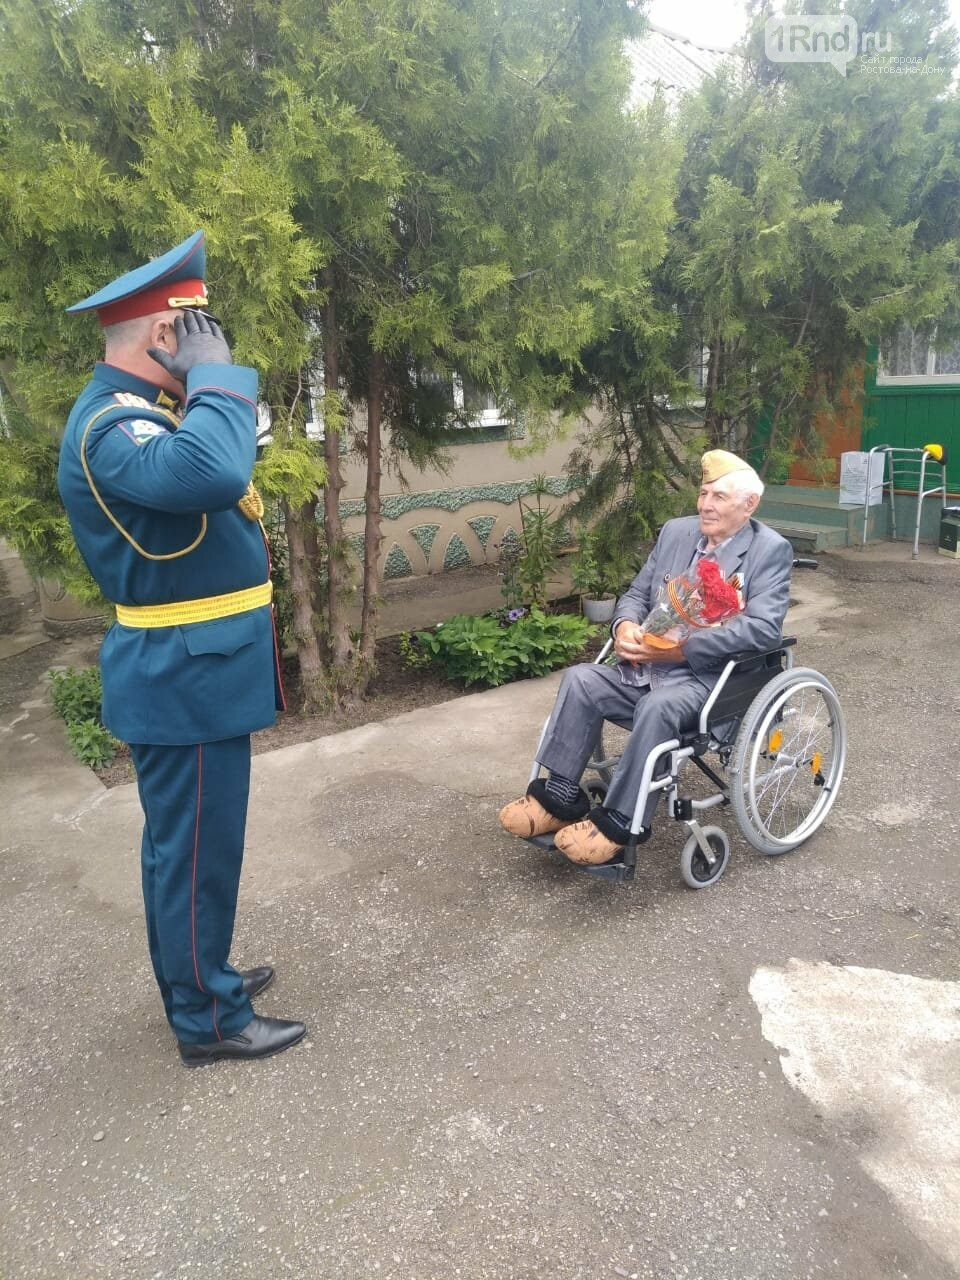 В Сальске поздравить ветерана военком приехал на ГАЗике времён ВОВ, фото-1